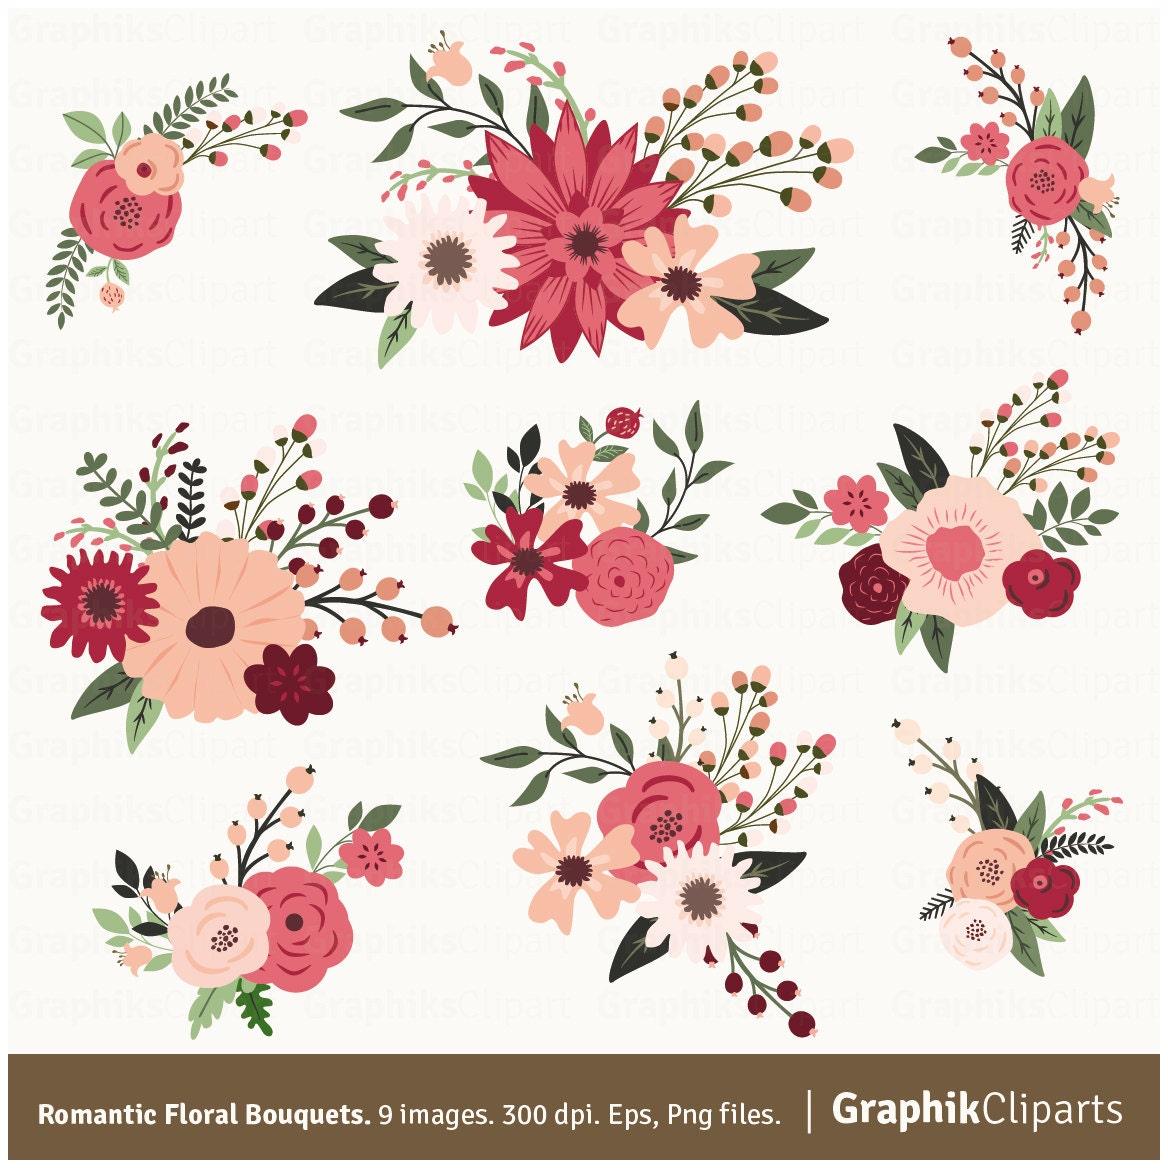 Romantic Floral Bouquets Clip Art. Wedding Flowers Romantic